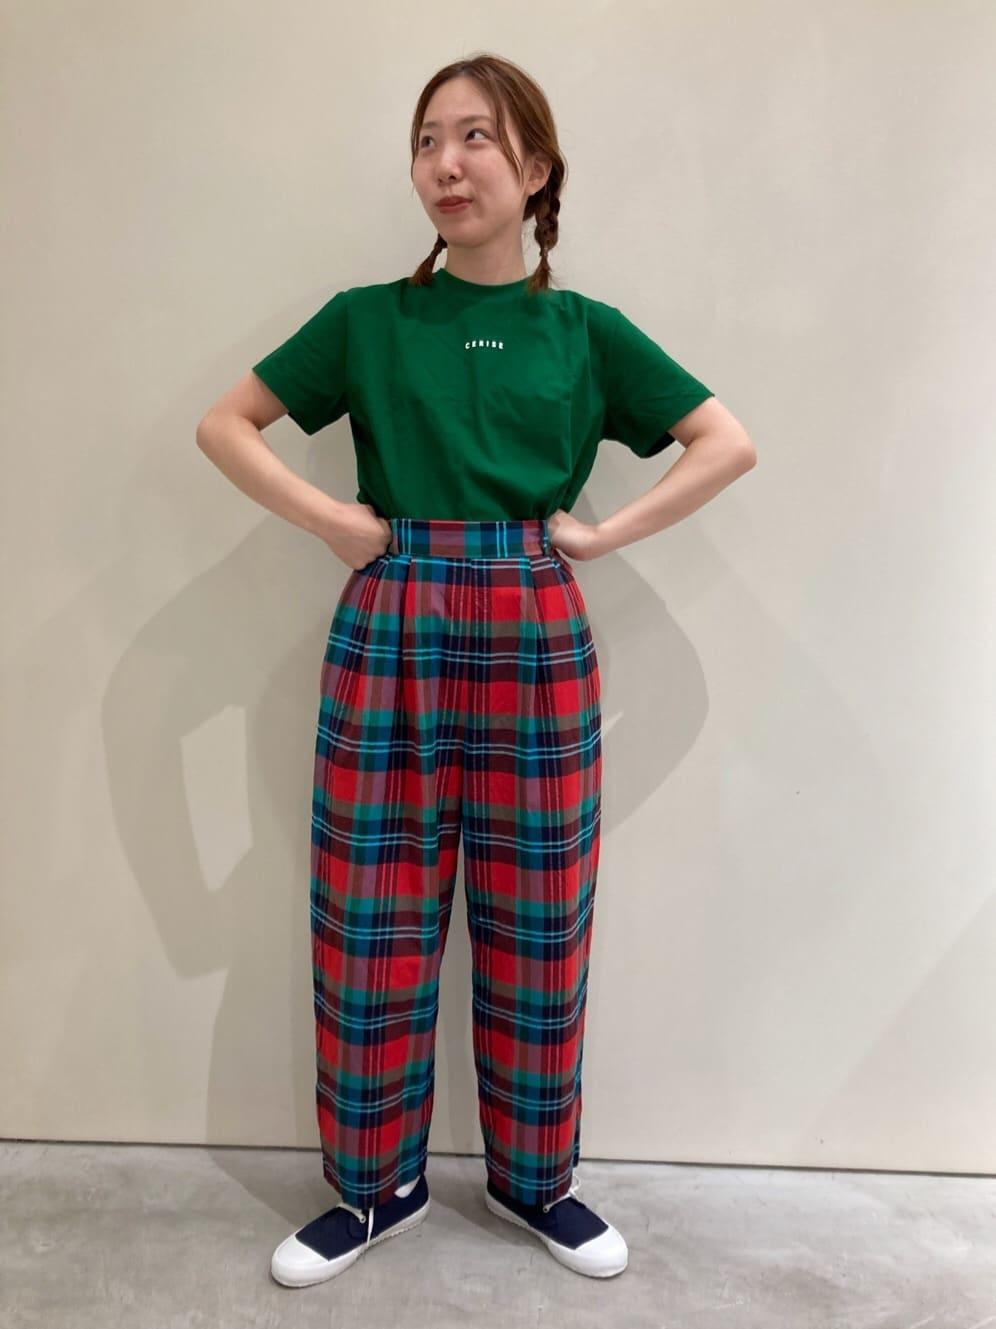 - CHILD WOMAN CHILD WOMAN , PAR ICI 新宿ミロード 身長:159cm 2021.08.06